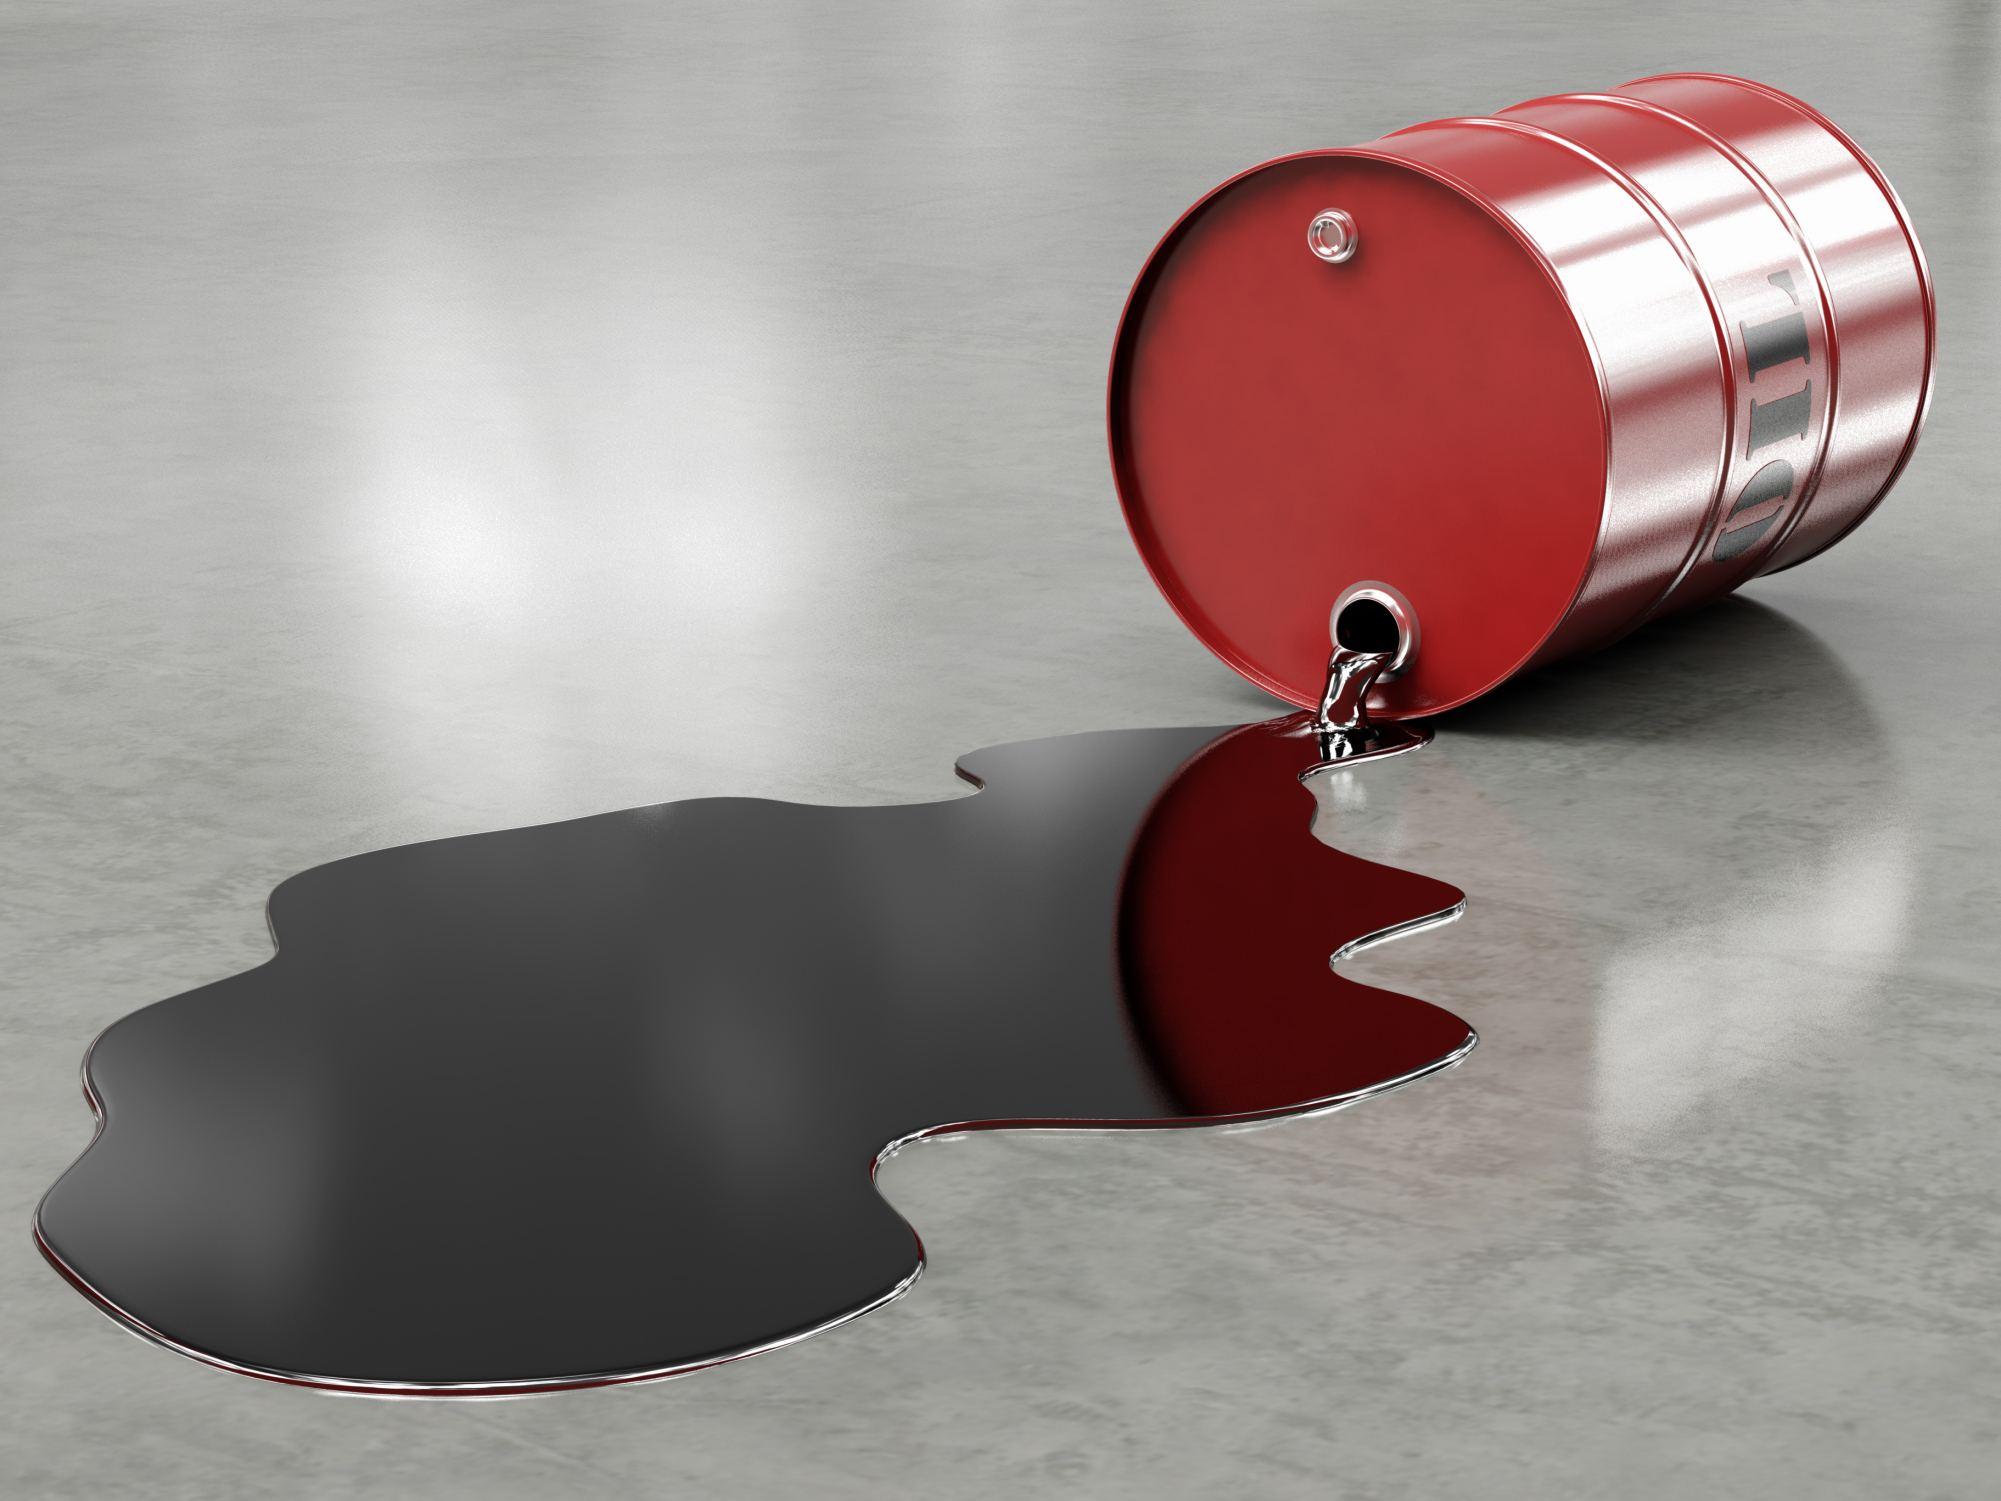 原油市场积极因素凸显 油价将不断上移